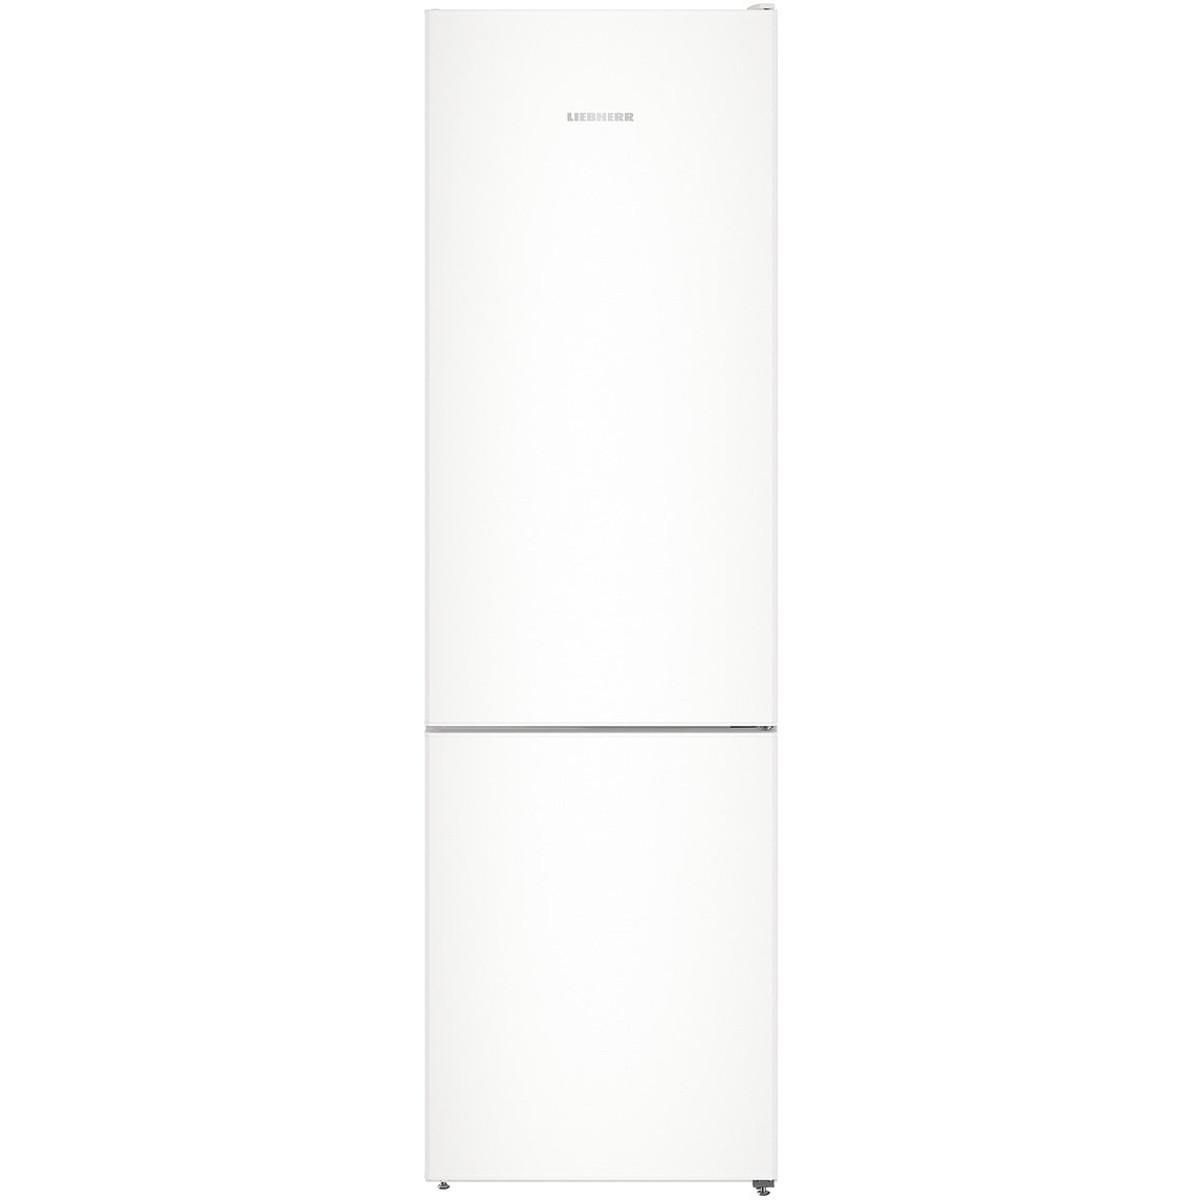 Image of Liebherr CN4813 Fridge Freezer